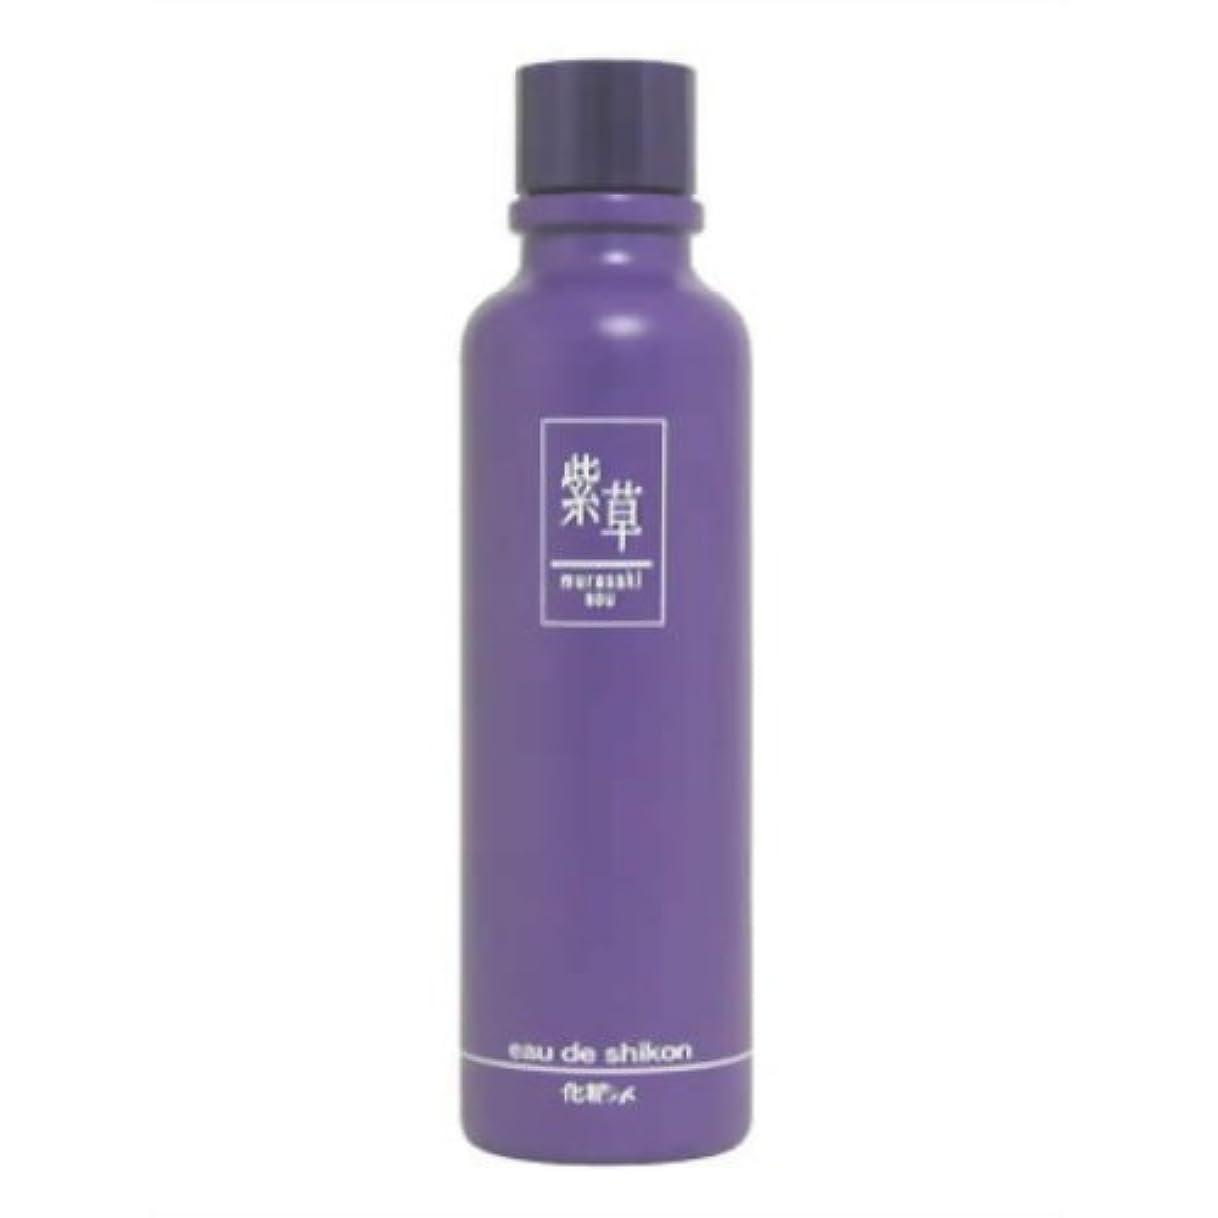 疲れた特別なラベ紫草 オーデシコン無香料(化粧水)